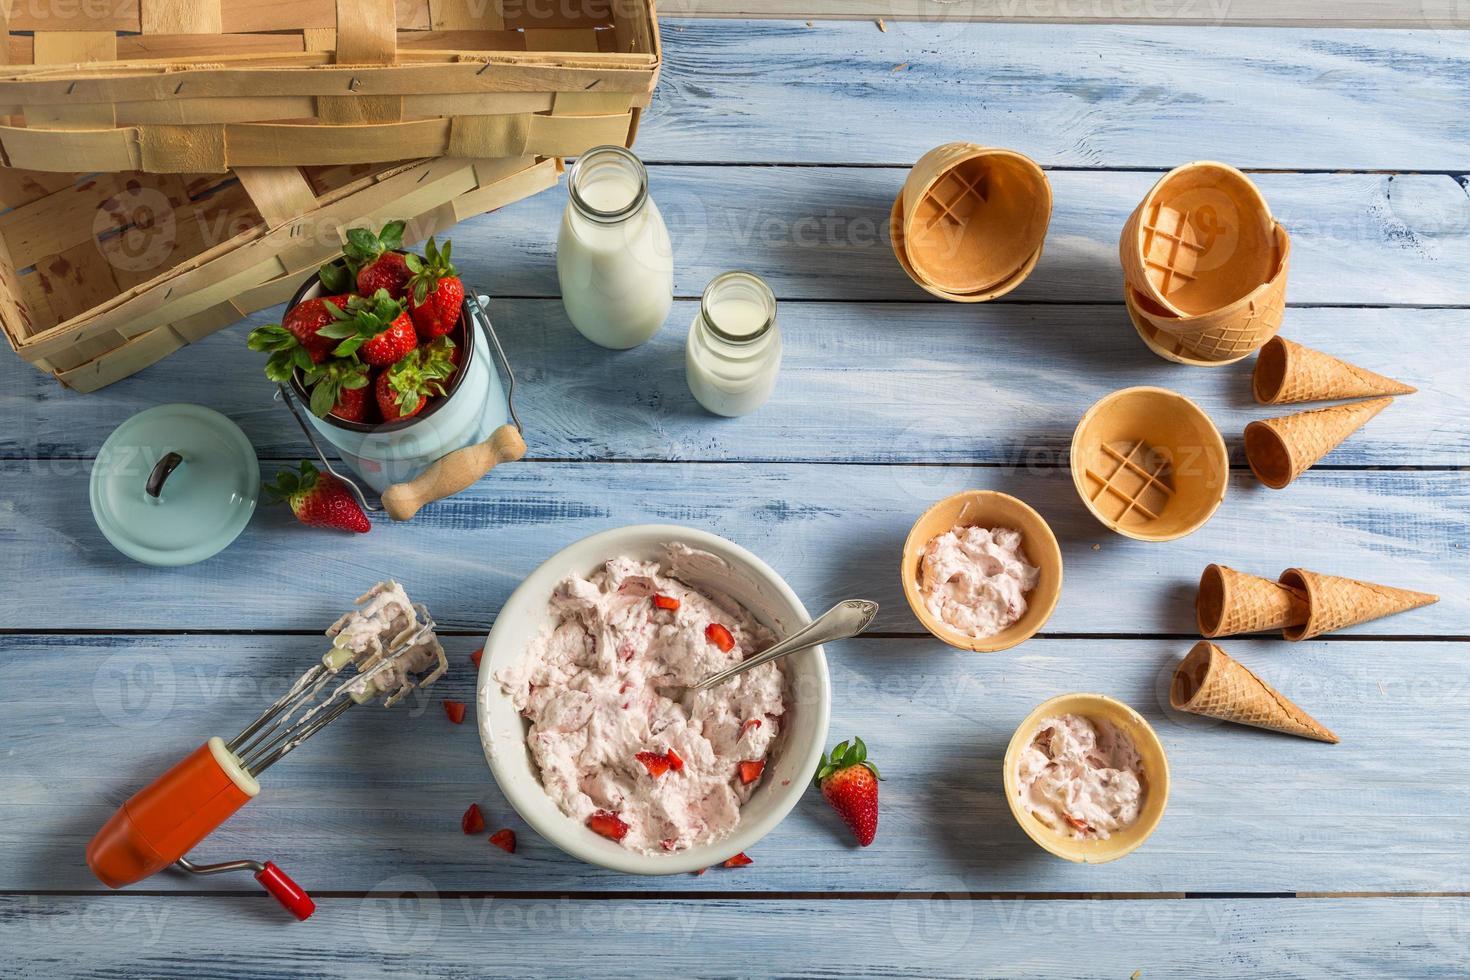 preparare il gelato alla frutta fatto in casa foto